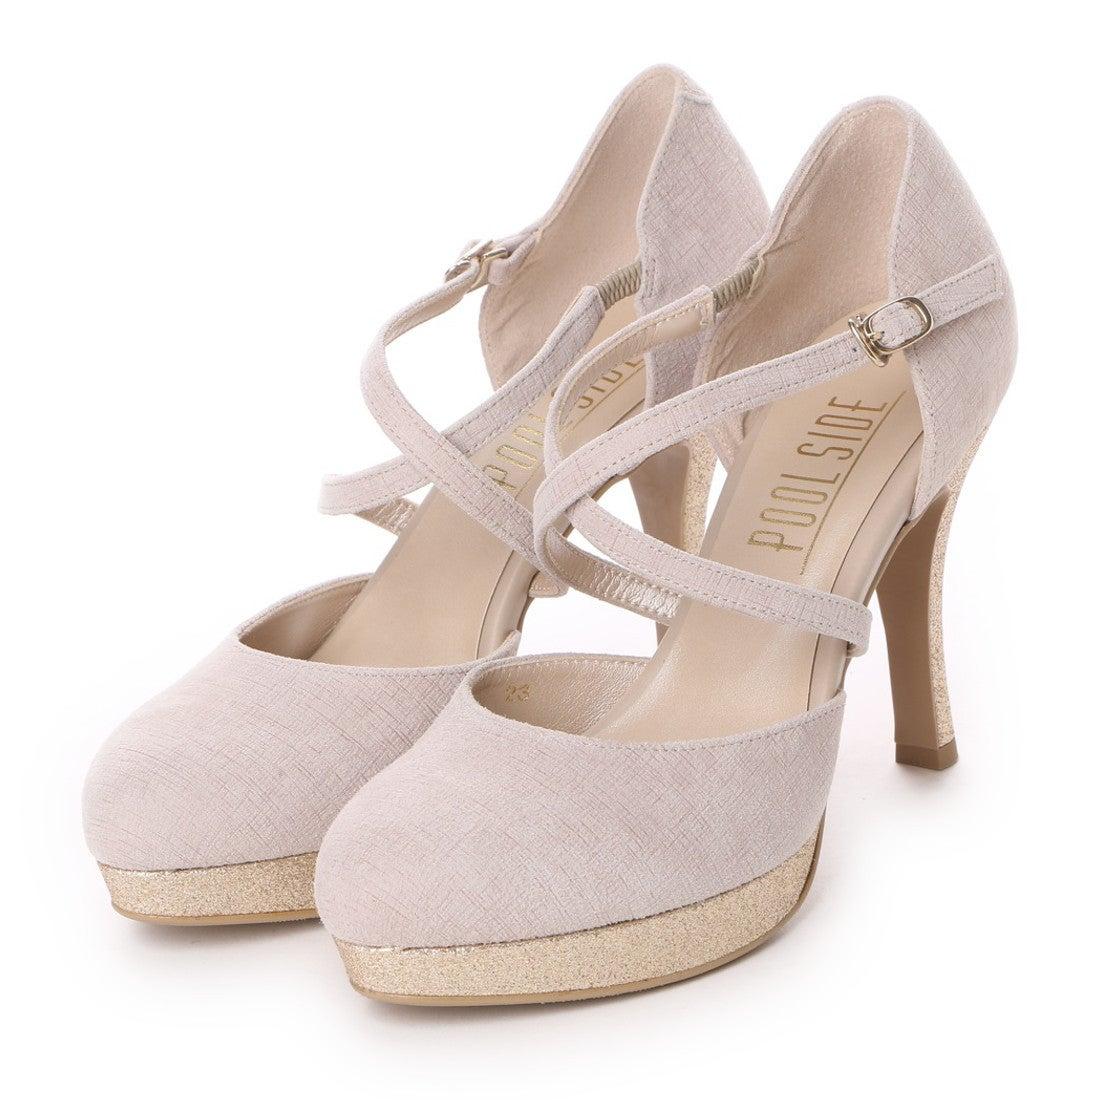 ロコンド 靴とファッションの通販サイトプールサイドPOOLSIDEクロスベルト(ベージュ)